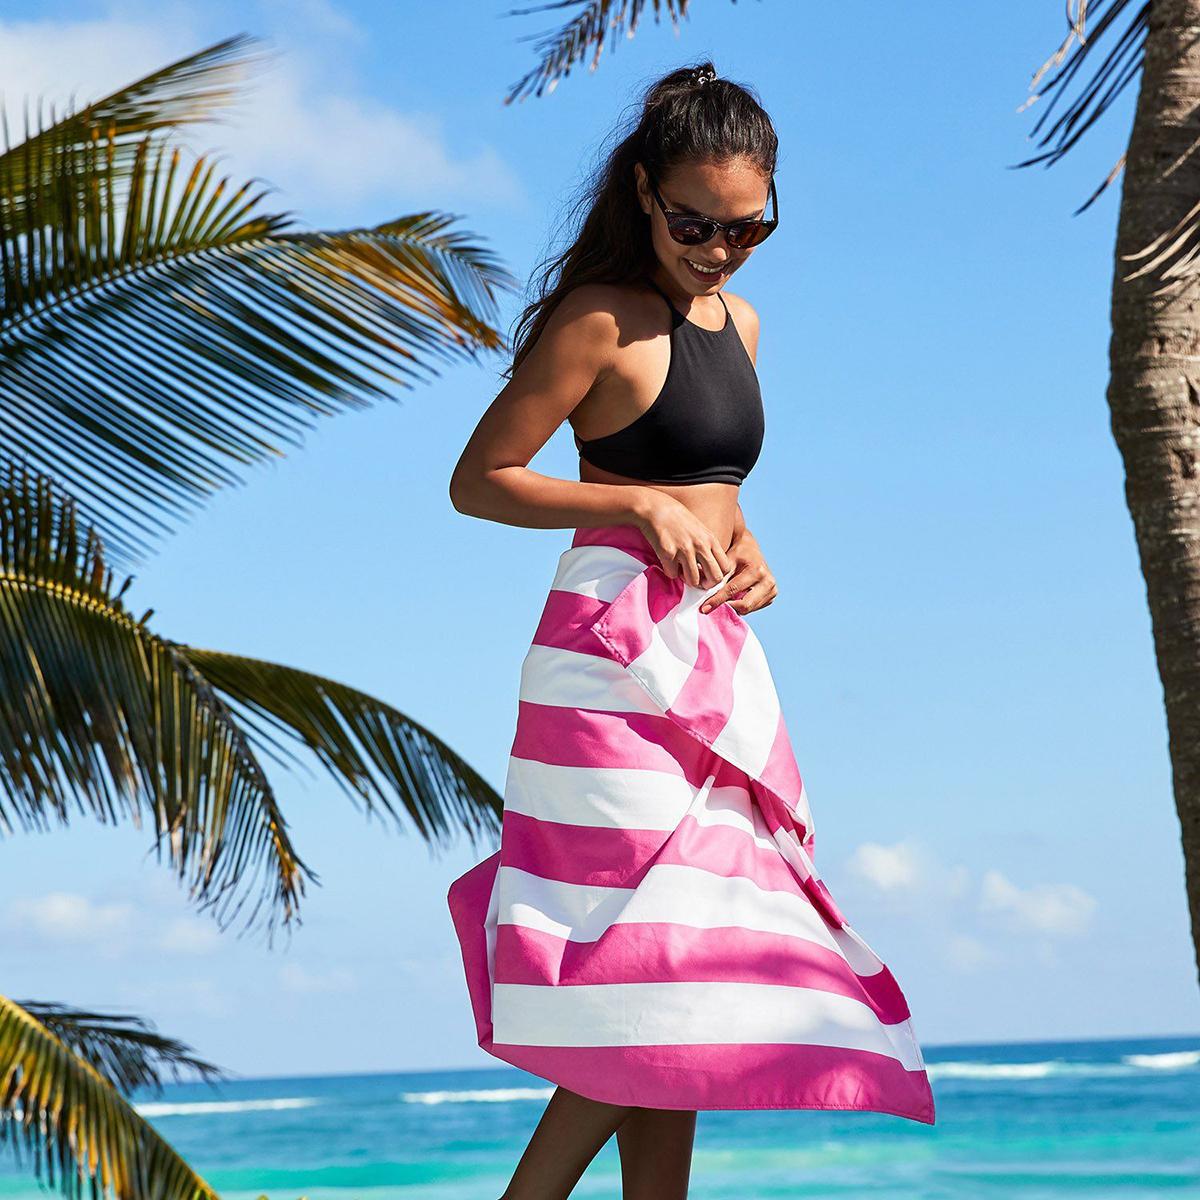 世界のビーチから生まれた「バカンスタオル」|水をサッと吸収、砂がつかないマイクロファイバー製